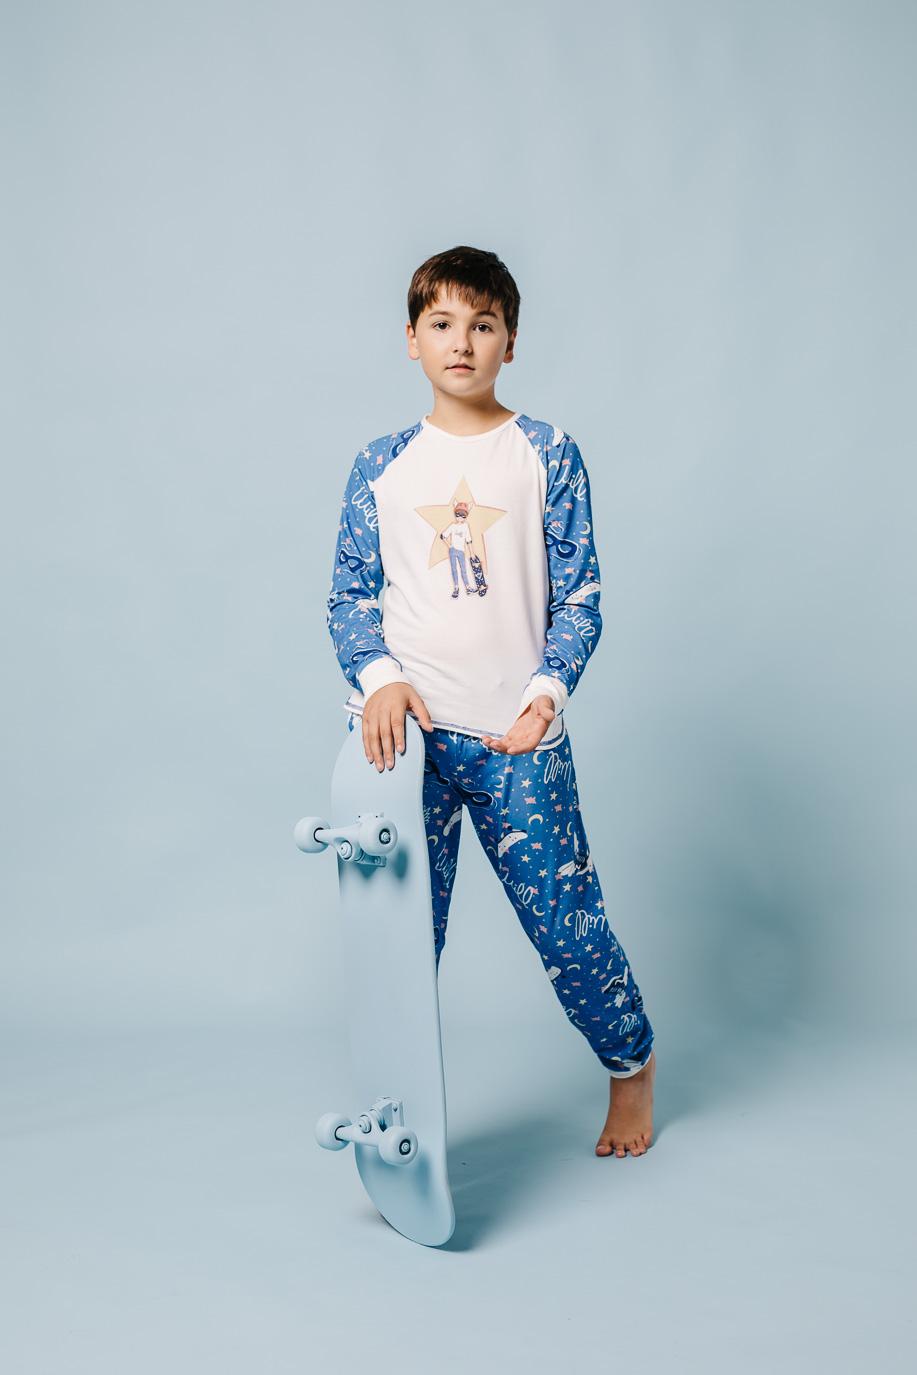 pijama suenya estels 0039 web Estels